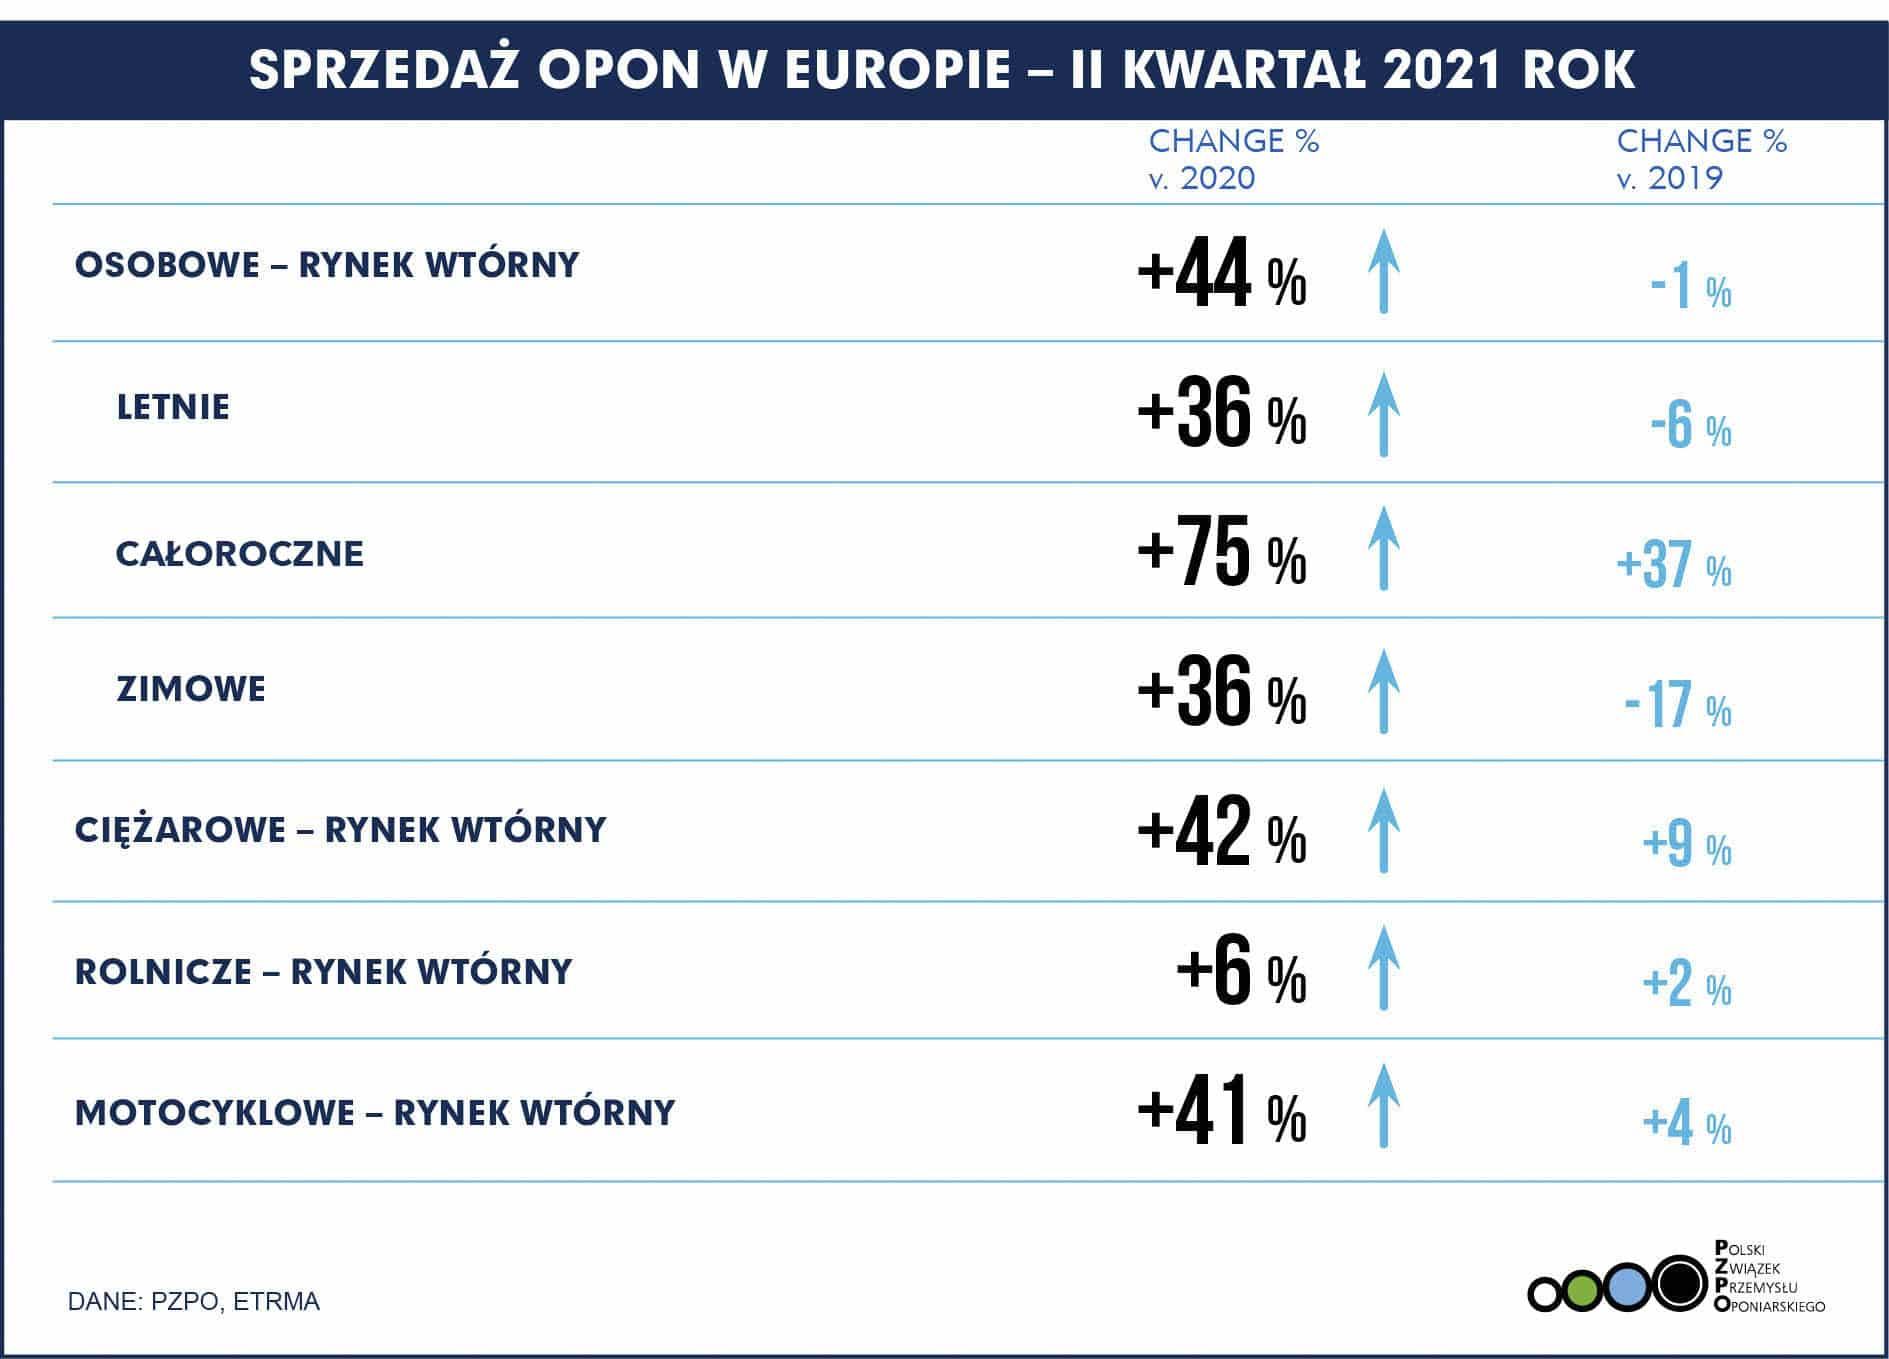 PL Europa – Sprzedaż opon Q2 2021